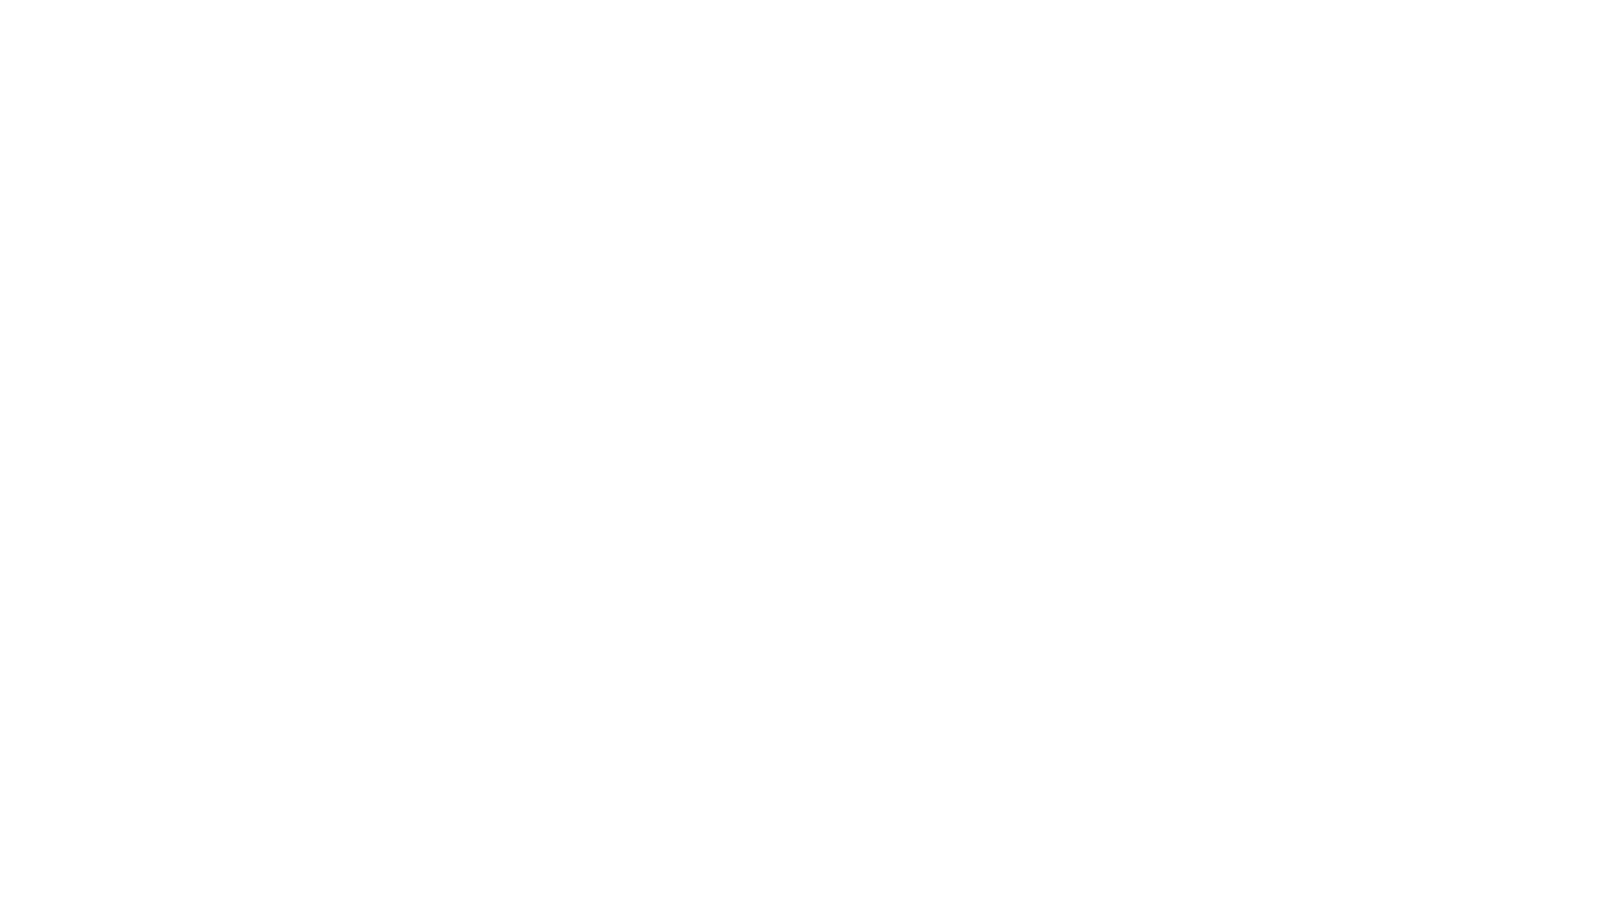 Luis Vicente Pulido , candidato a la Alcaldía de Duitama, aseguró que la privatización de los servicios públicos amenaza las finanzas de la ciudad. Sostuvo que la planta de tratamiento de aguas residuales se puede financiar con el pago de las tarifas, siempre y cuando el municipio tenga el control del acueducto, el alcantarillado y el aseo.